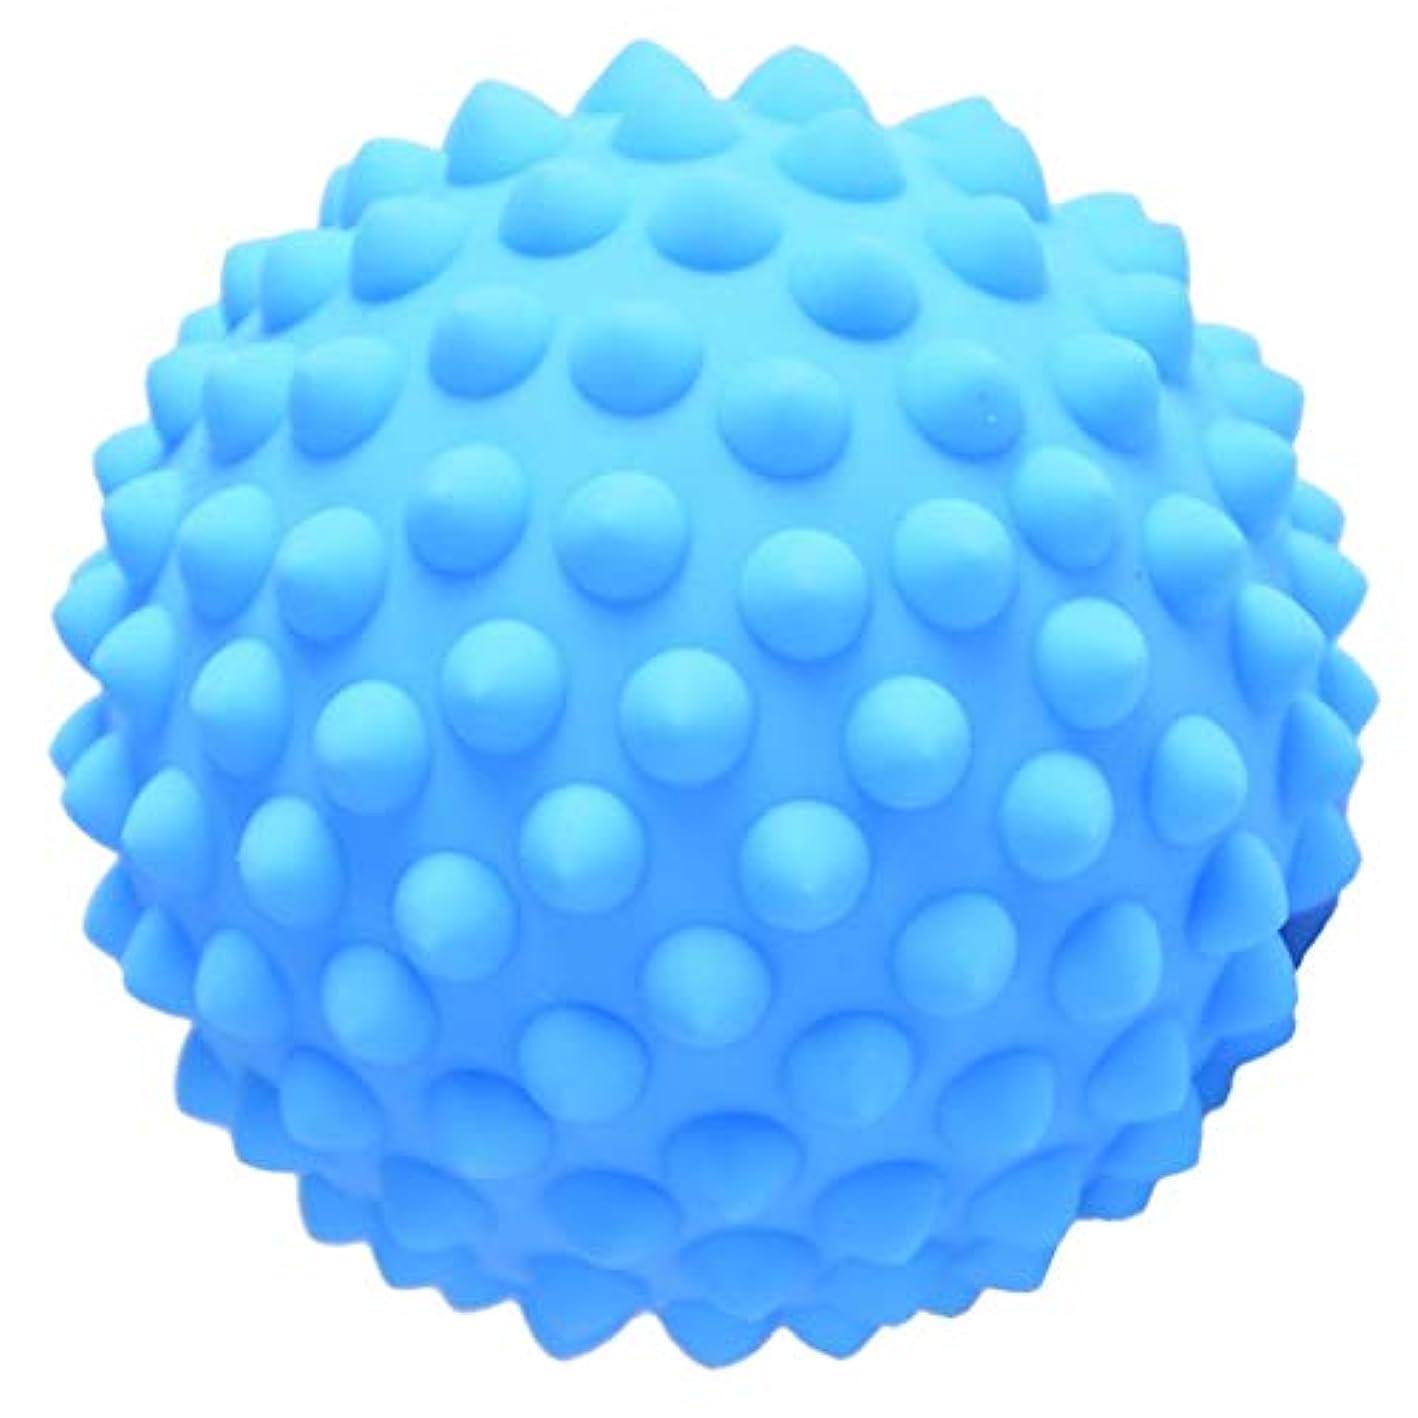 ブラウス小説感心するハードPVC 9センチのとがったマッサージローラーボール指圧ボディリラクゼーションマッサージ - 青, 説明のとおり